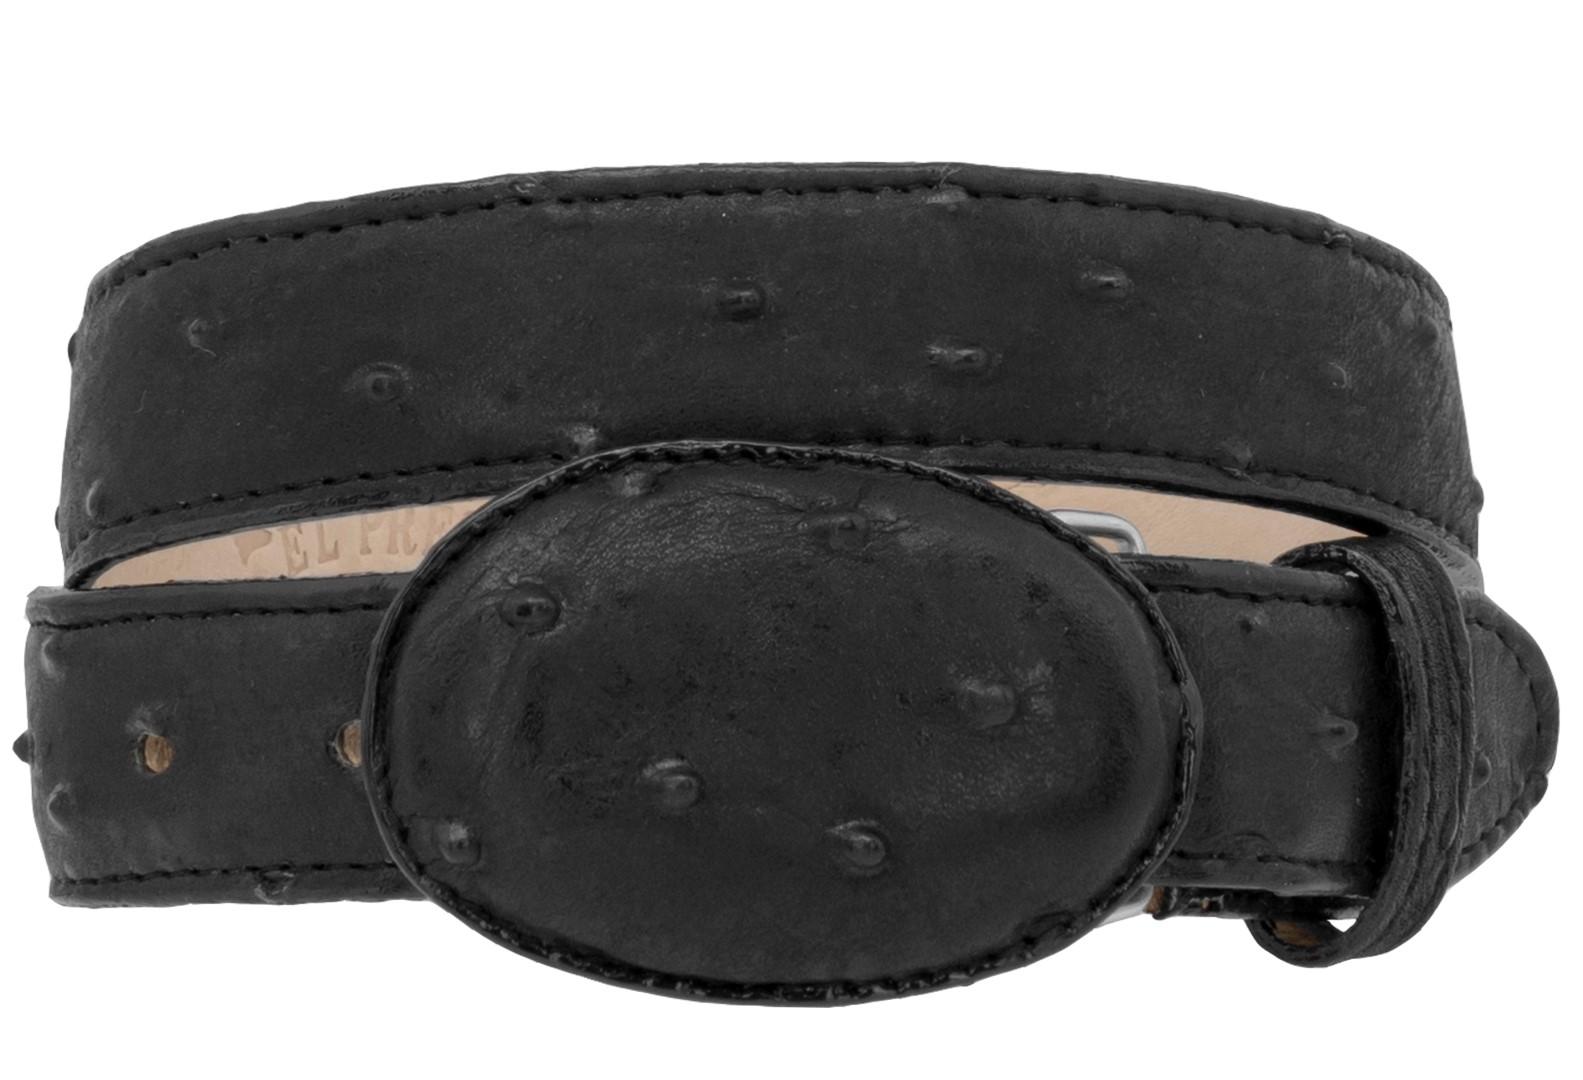 Kids Black Ostrich Western Belt Dress Pattern Leather Unisex Round Buckle